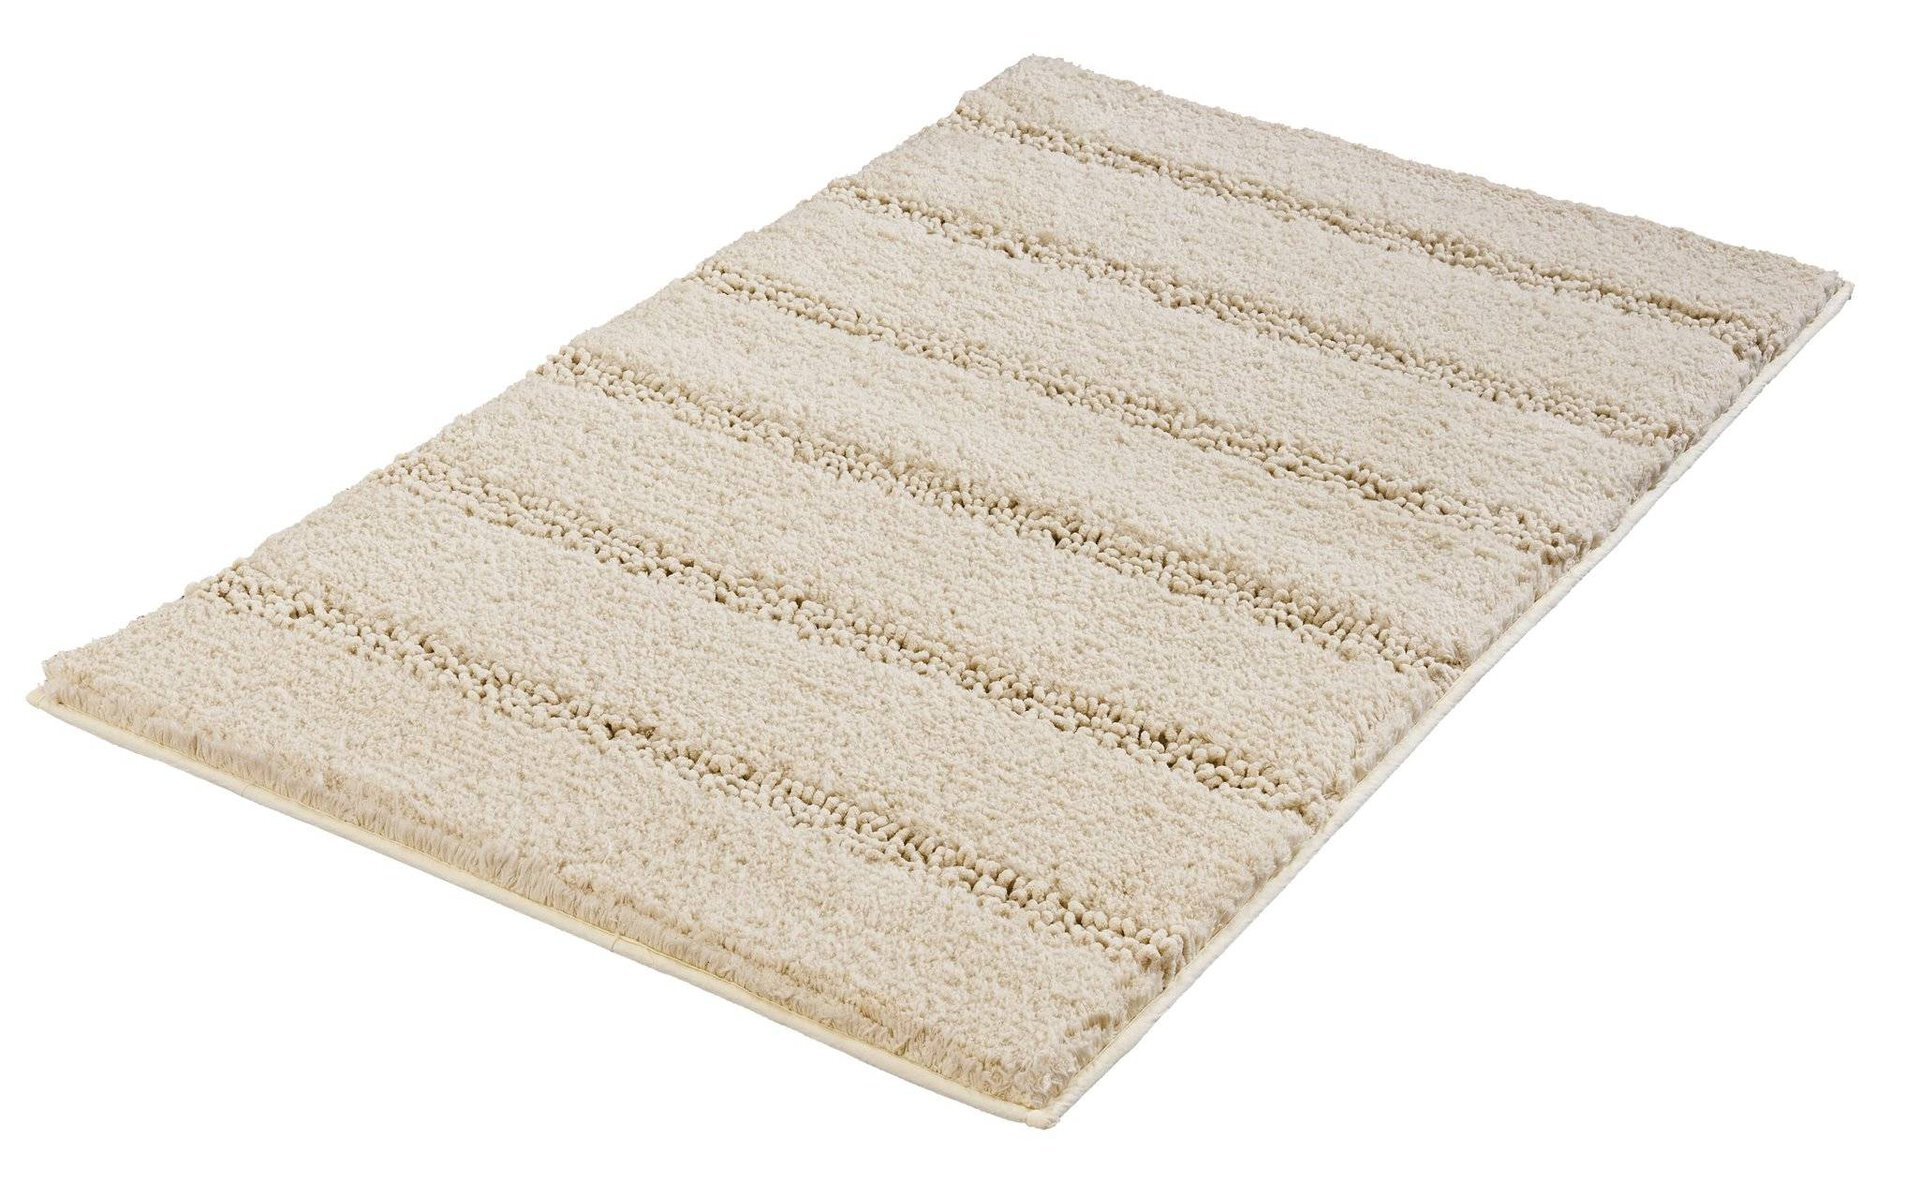 Badteppich Monrovia Kleine Wolke Textil 100 x 3 x 60 cm